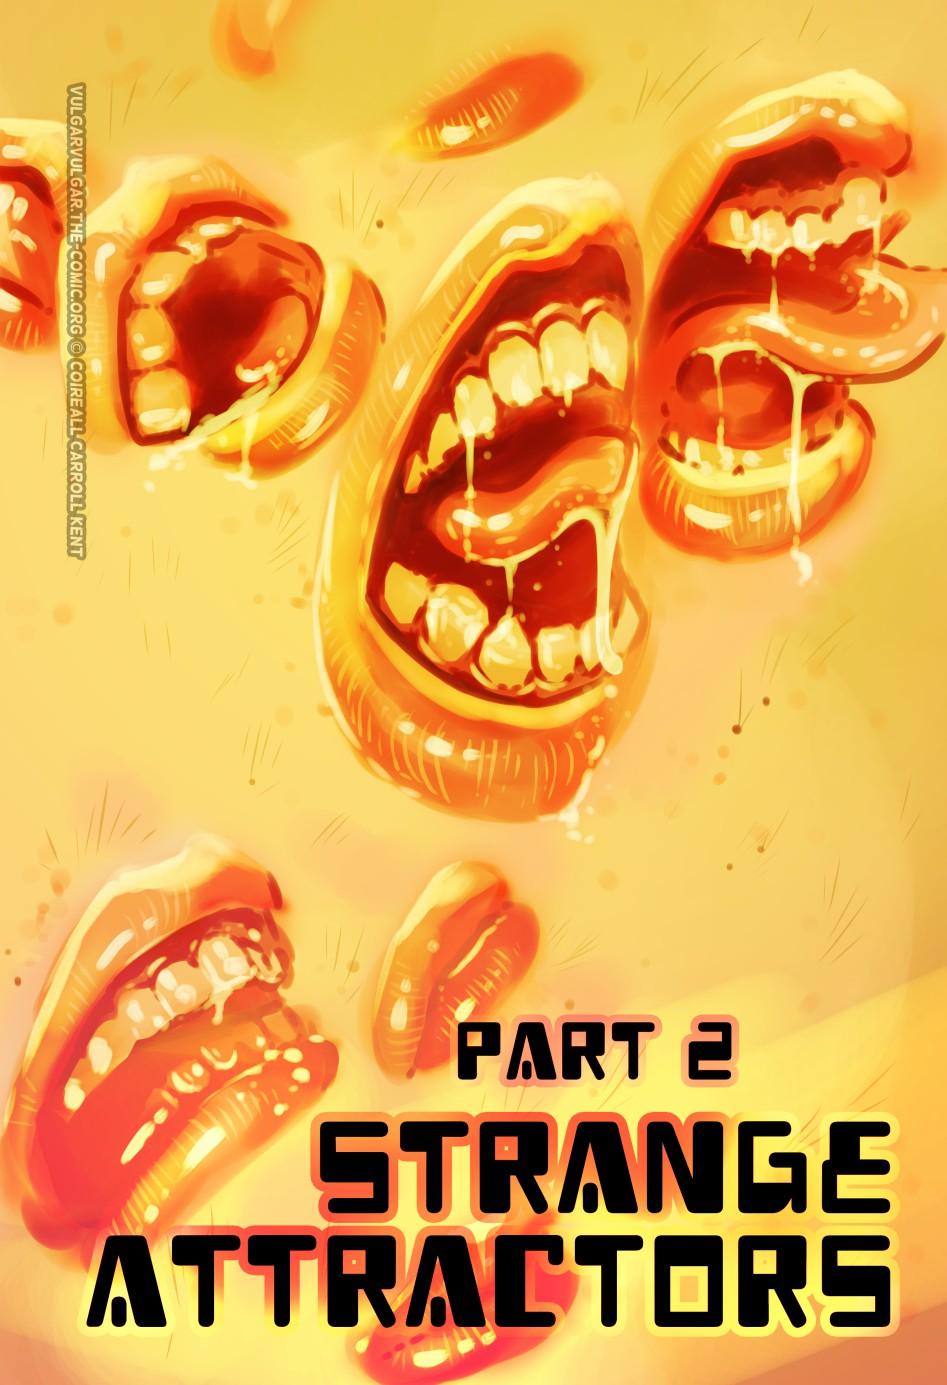 Part II: Strange Attractors